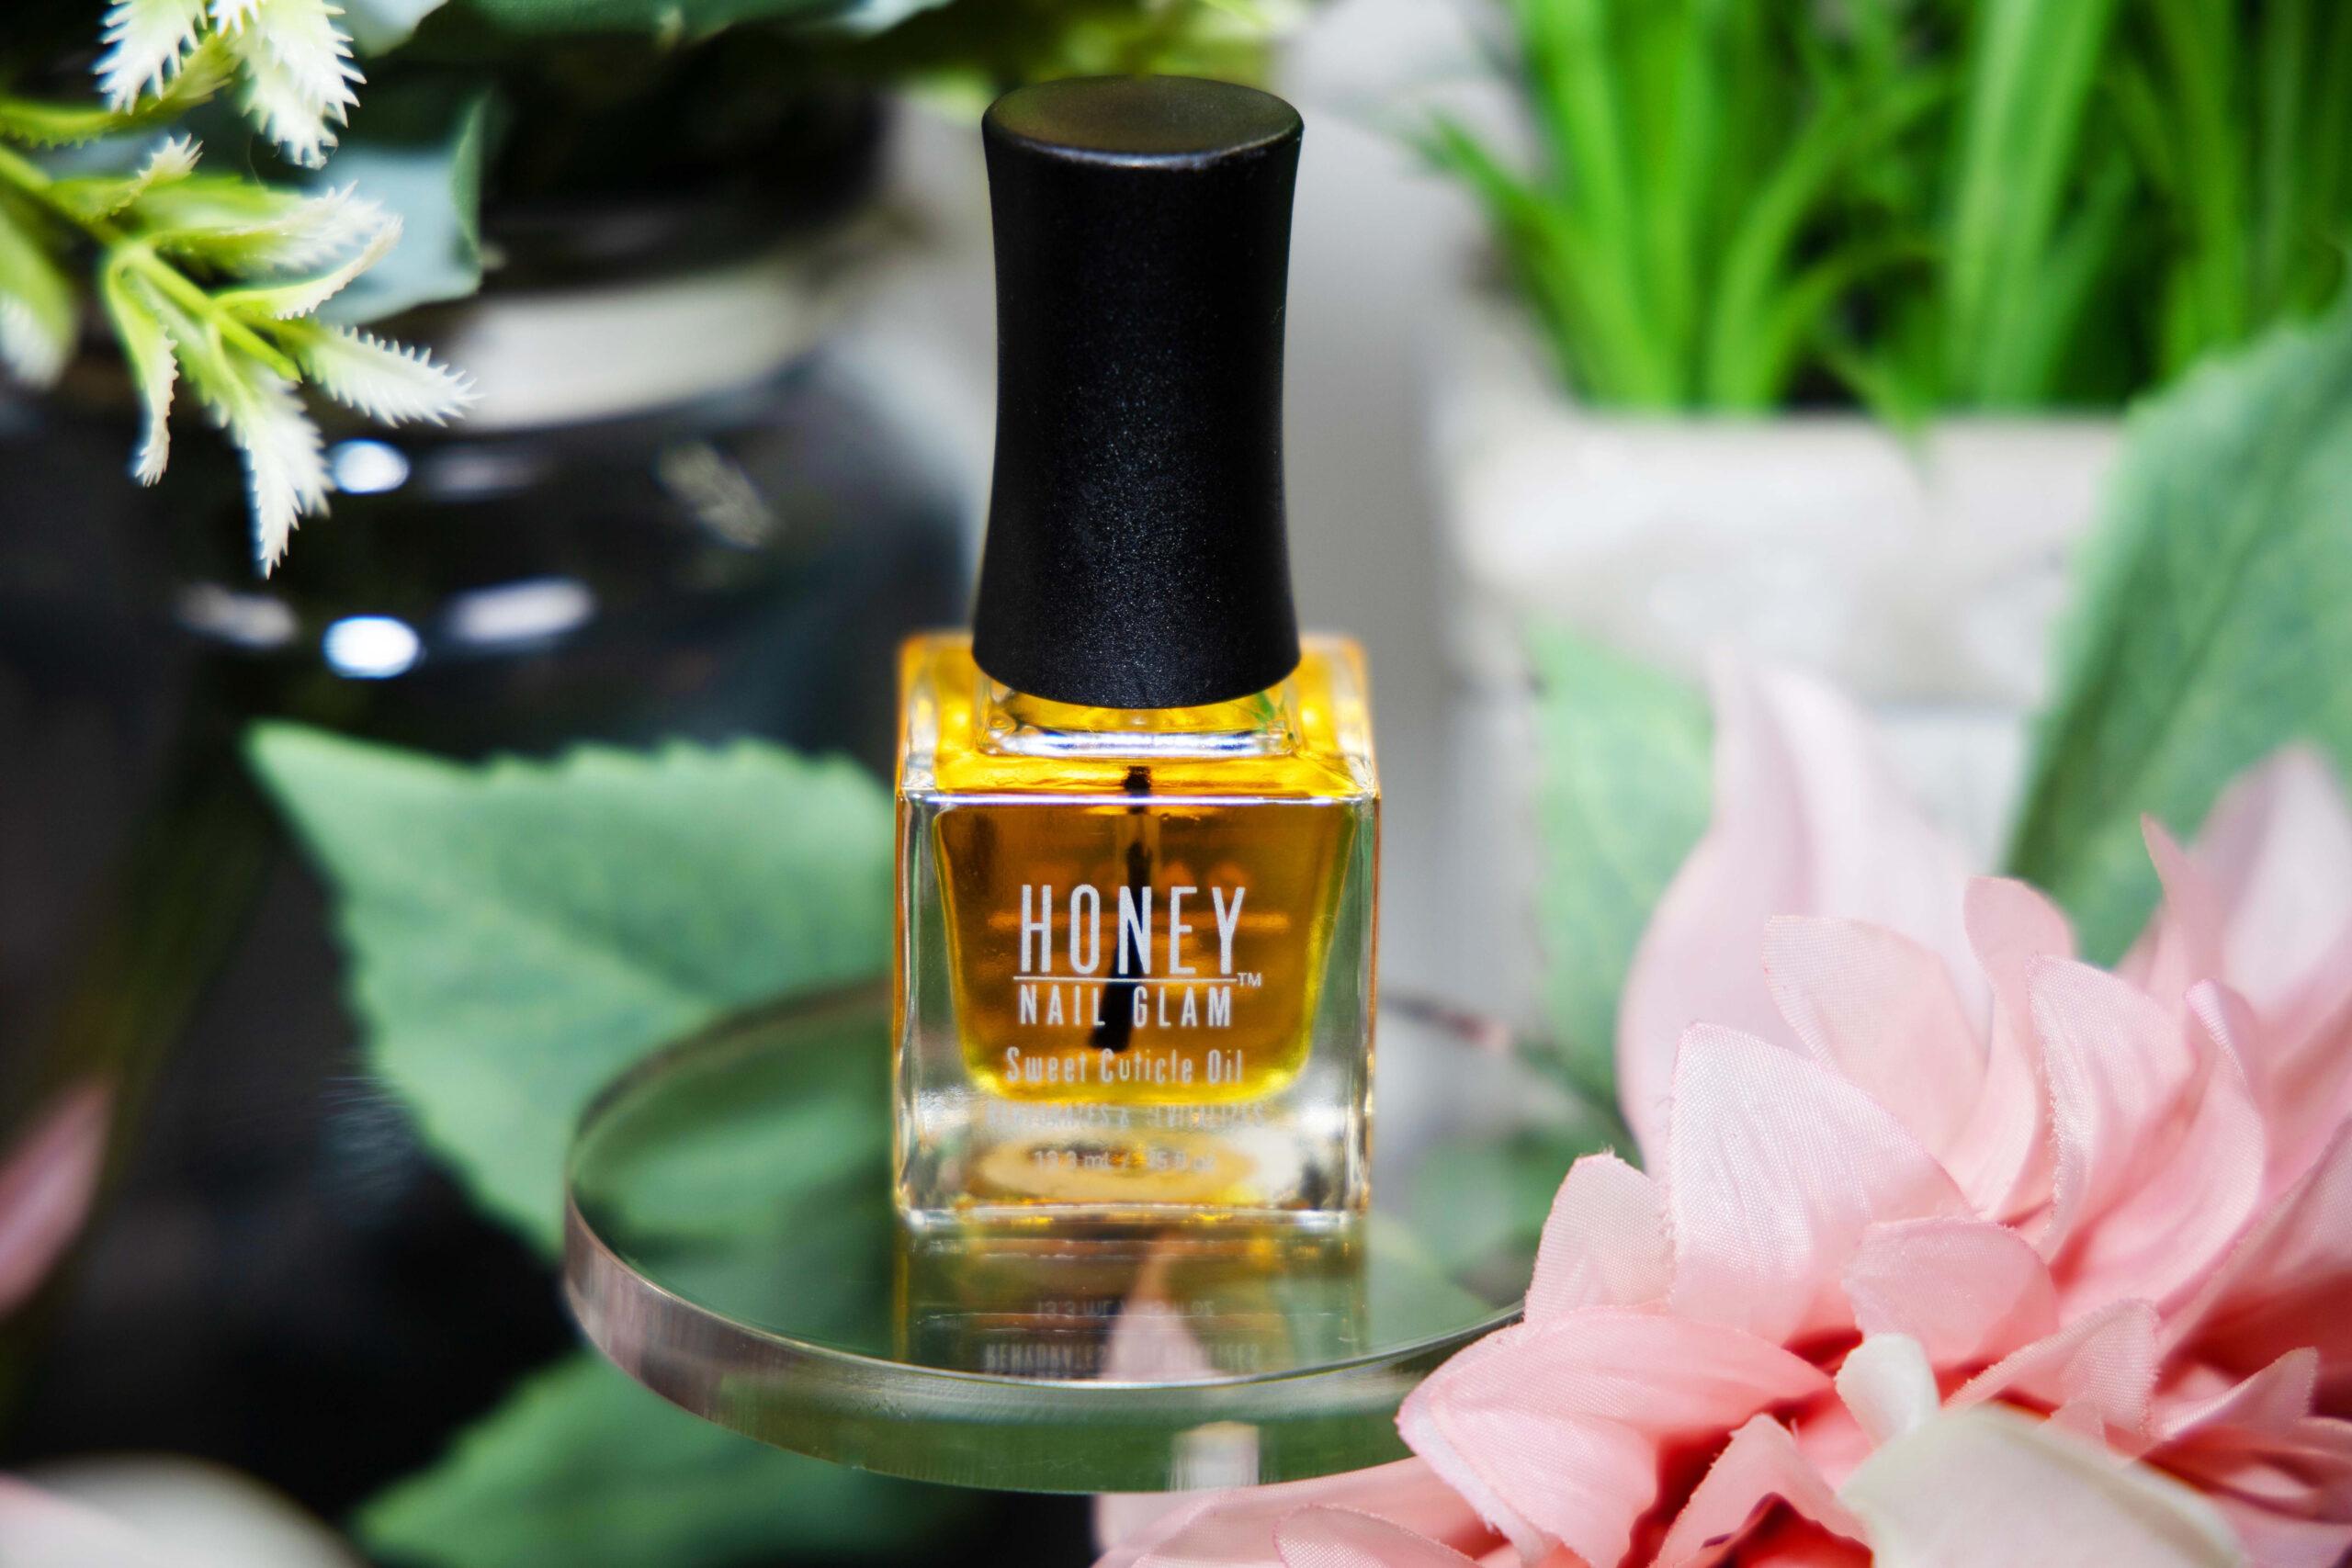 honey nail glam, beauty, nailcare